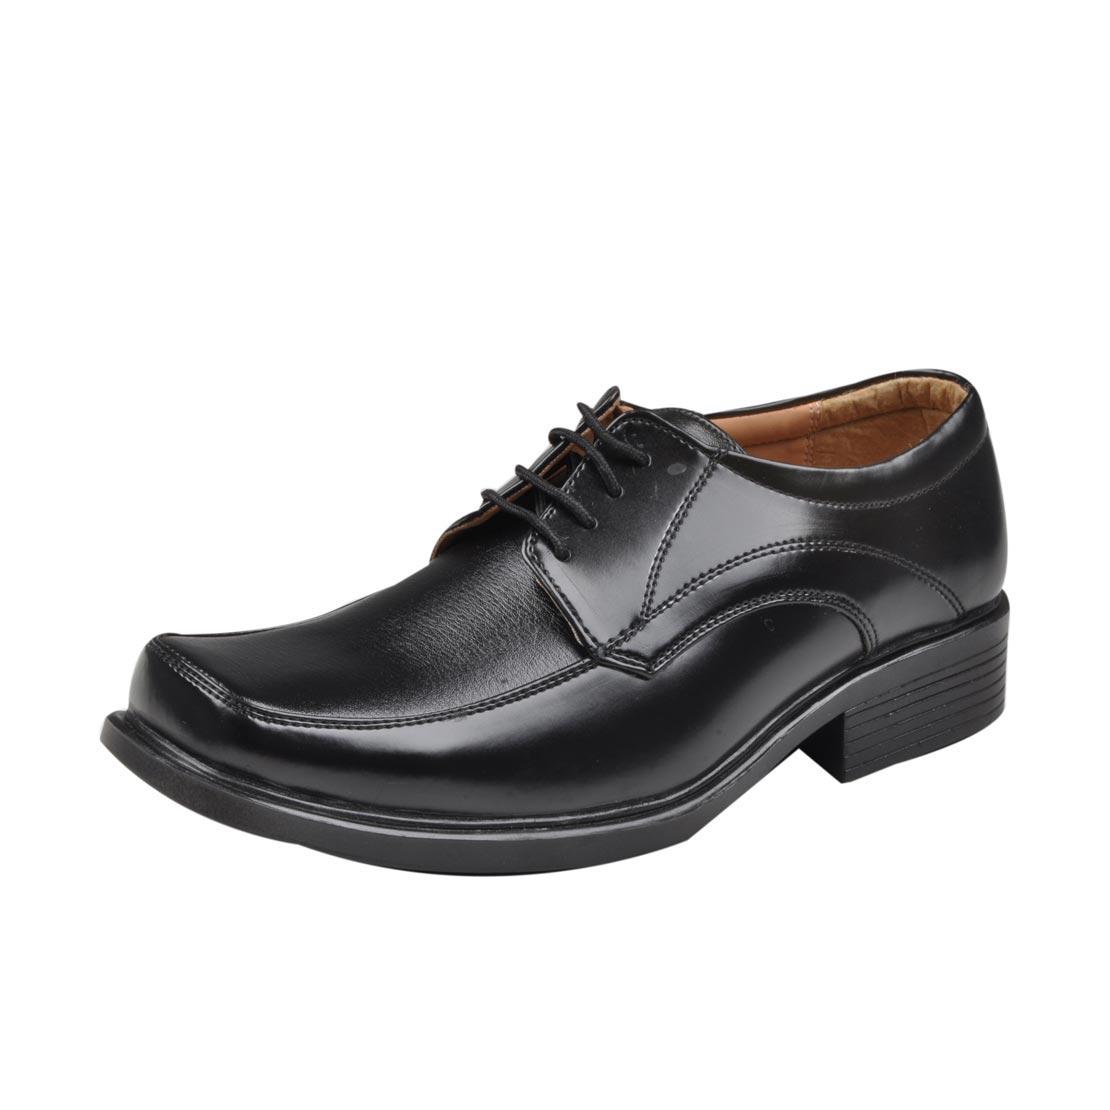 bata 821 6513 black formal shoes buy footwear in